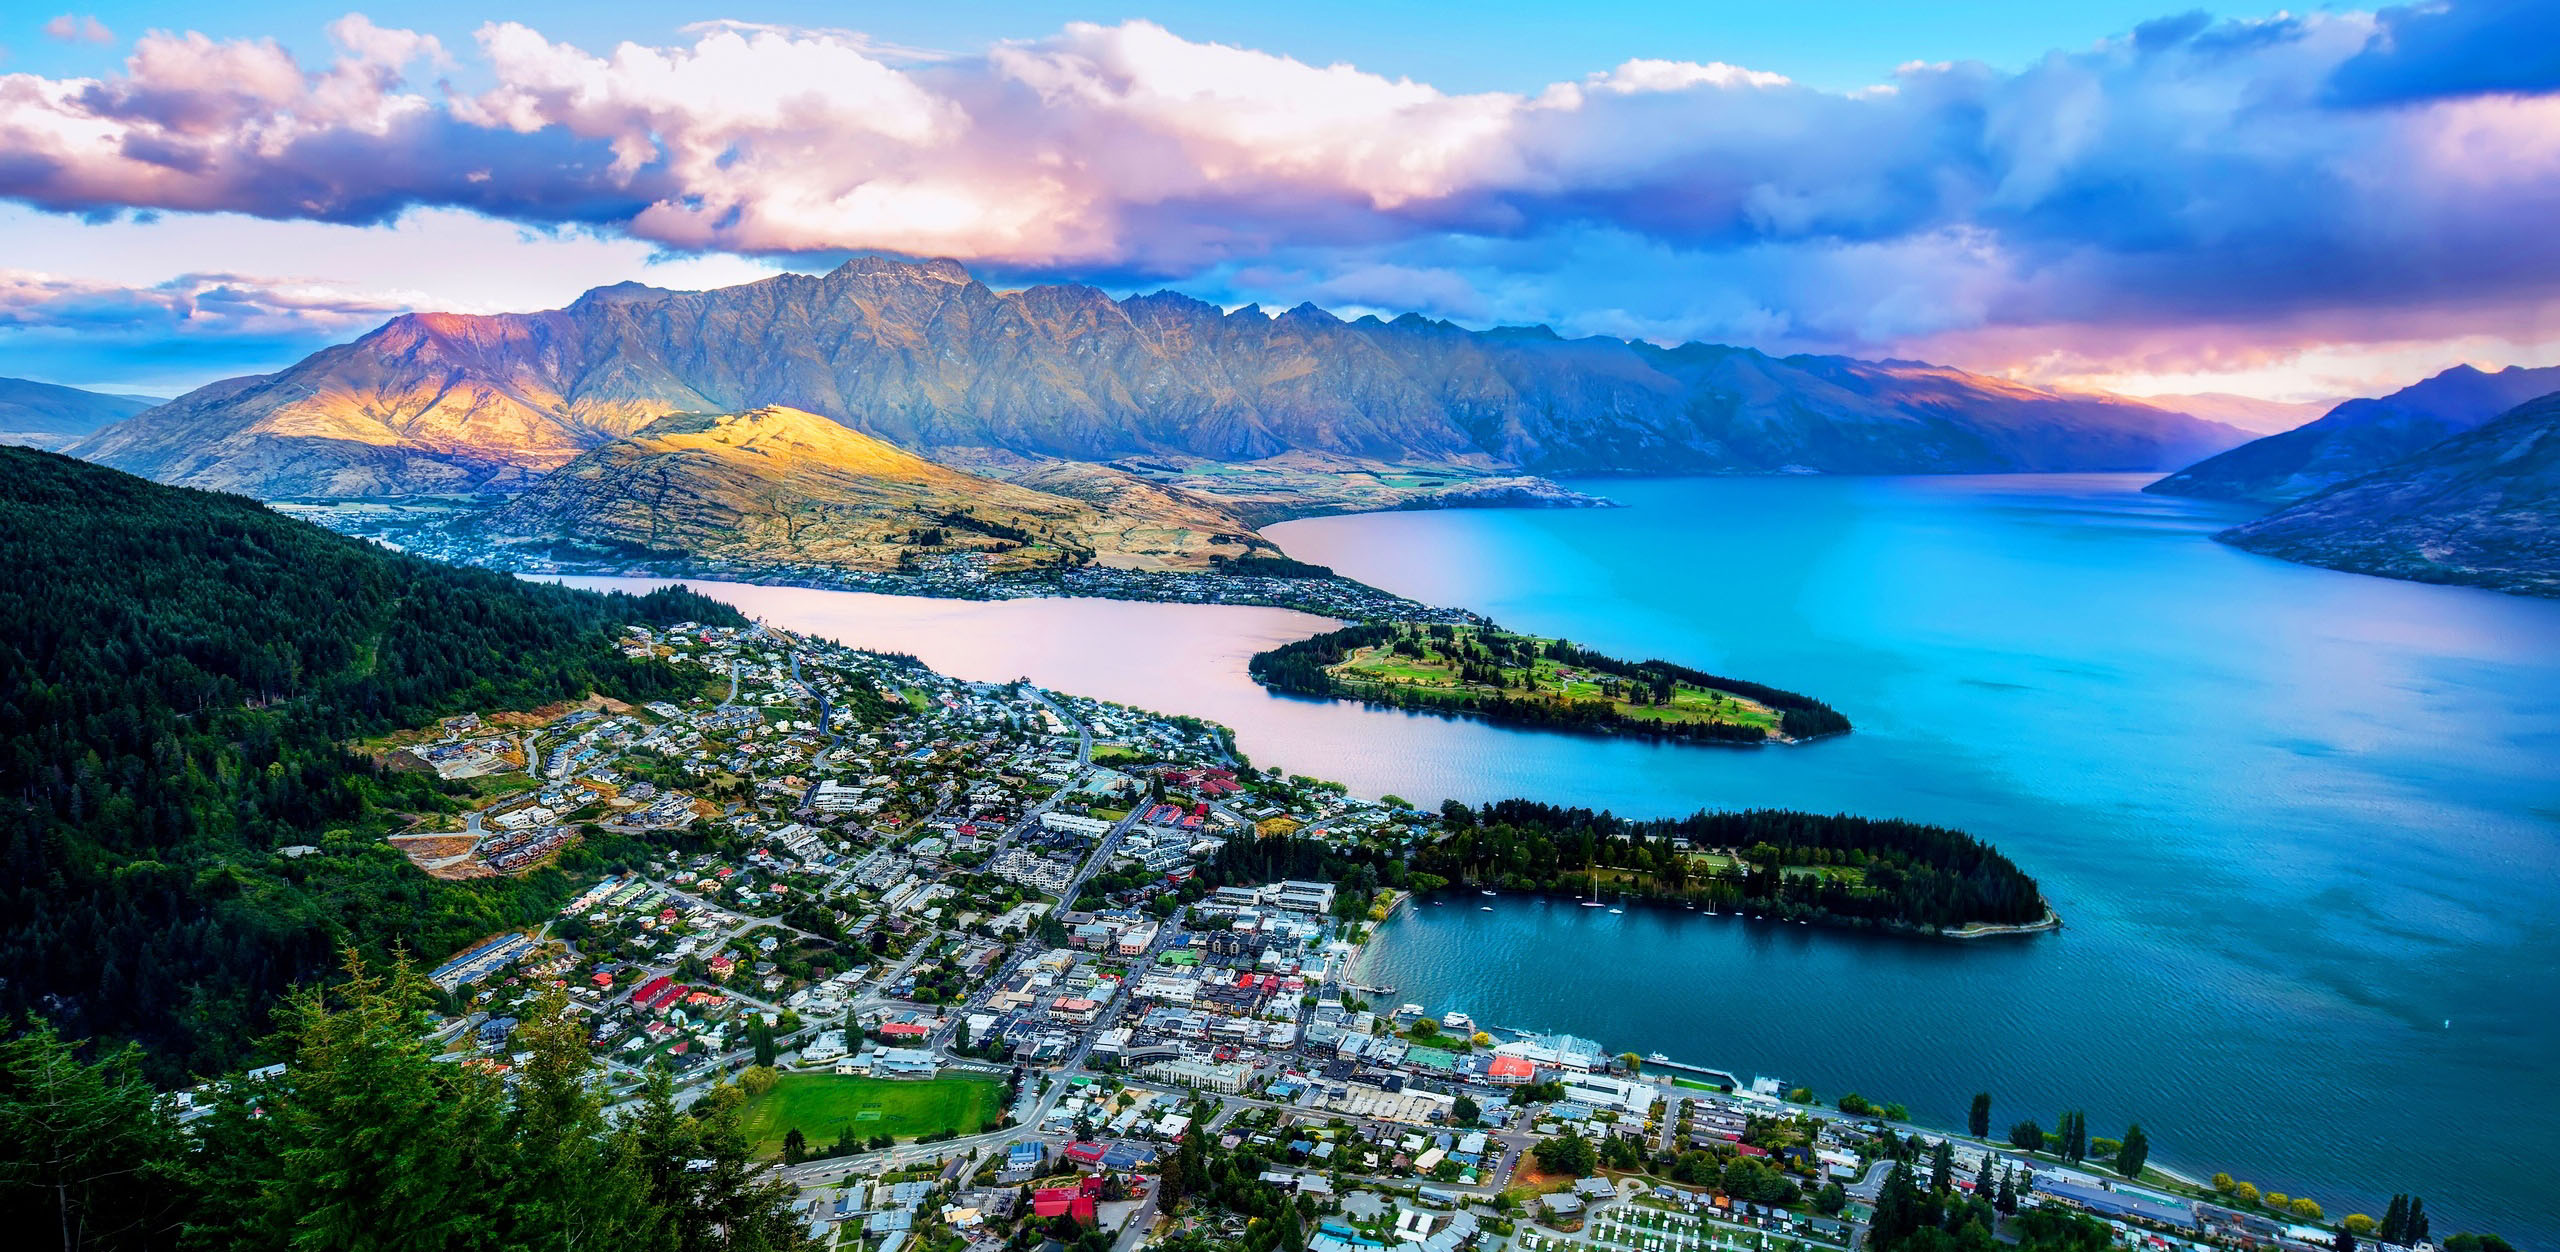 vista de lago en nueva zelanda